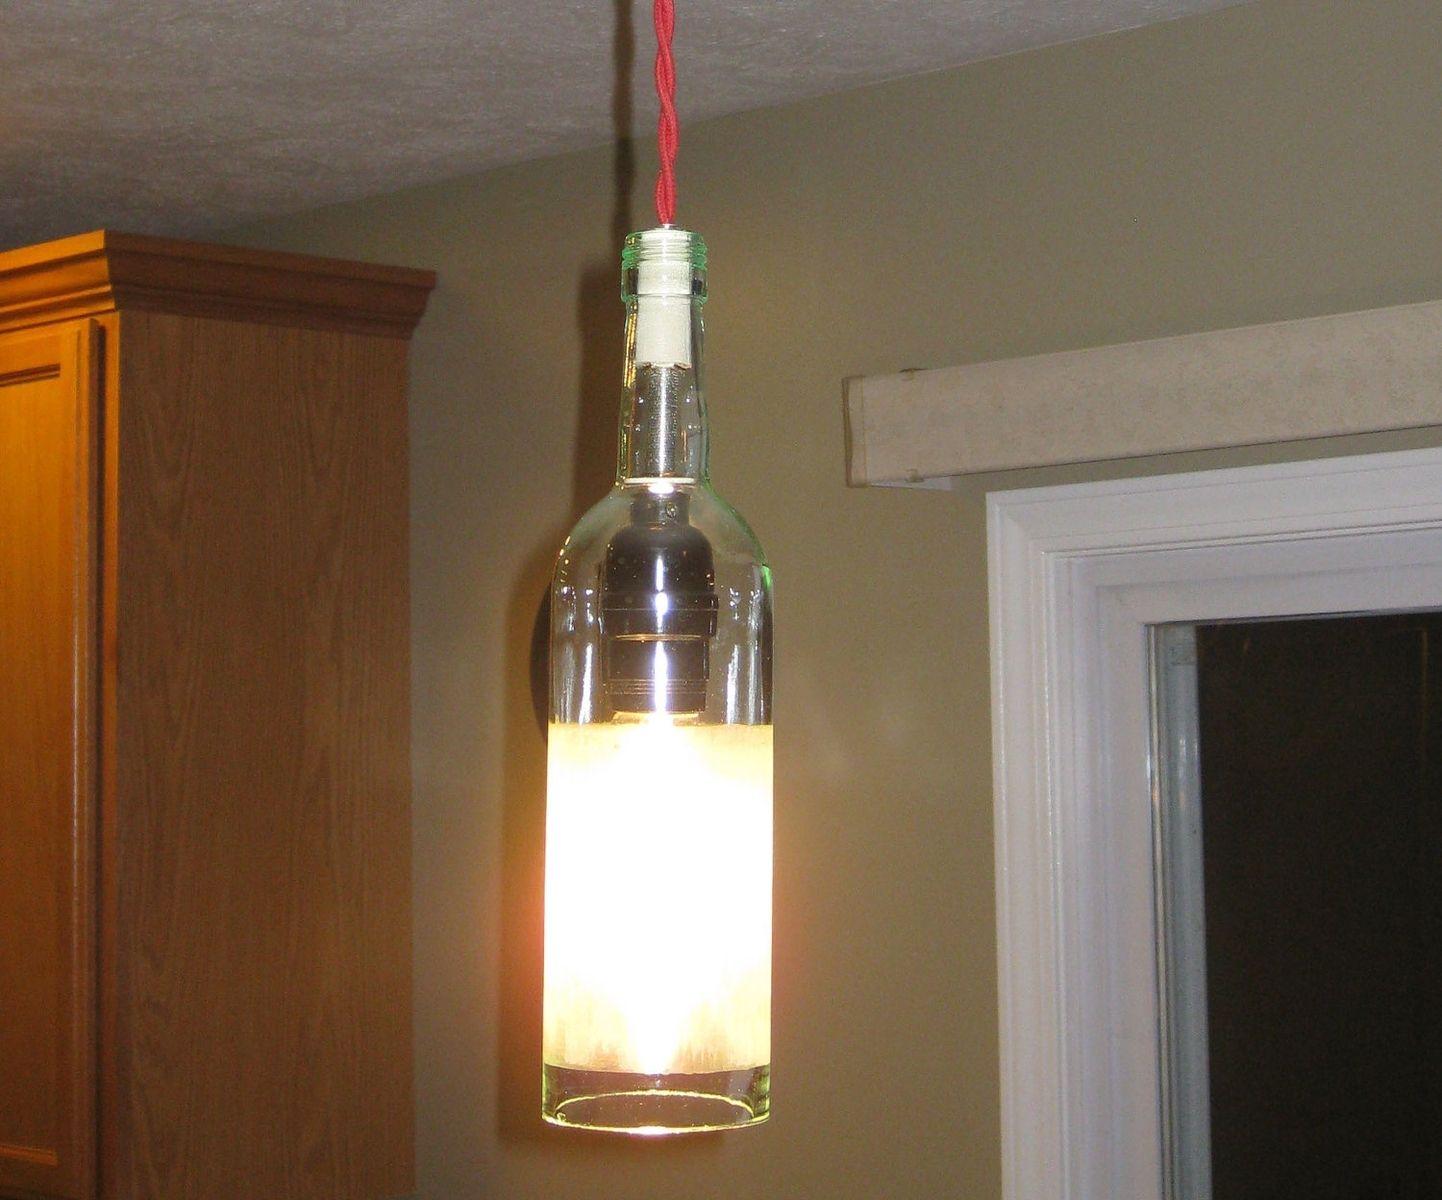 Custom Made Wine Bottle Pendant Light By Milton Douglas Lamp Co Custommade